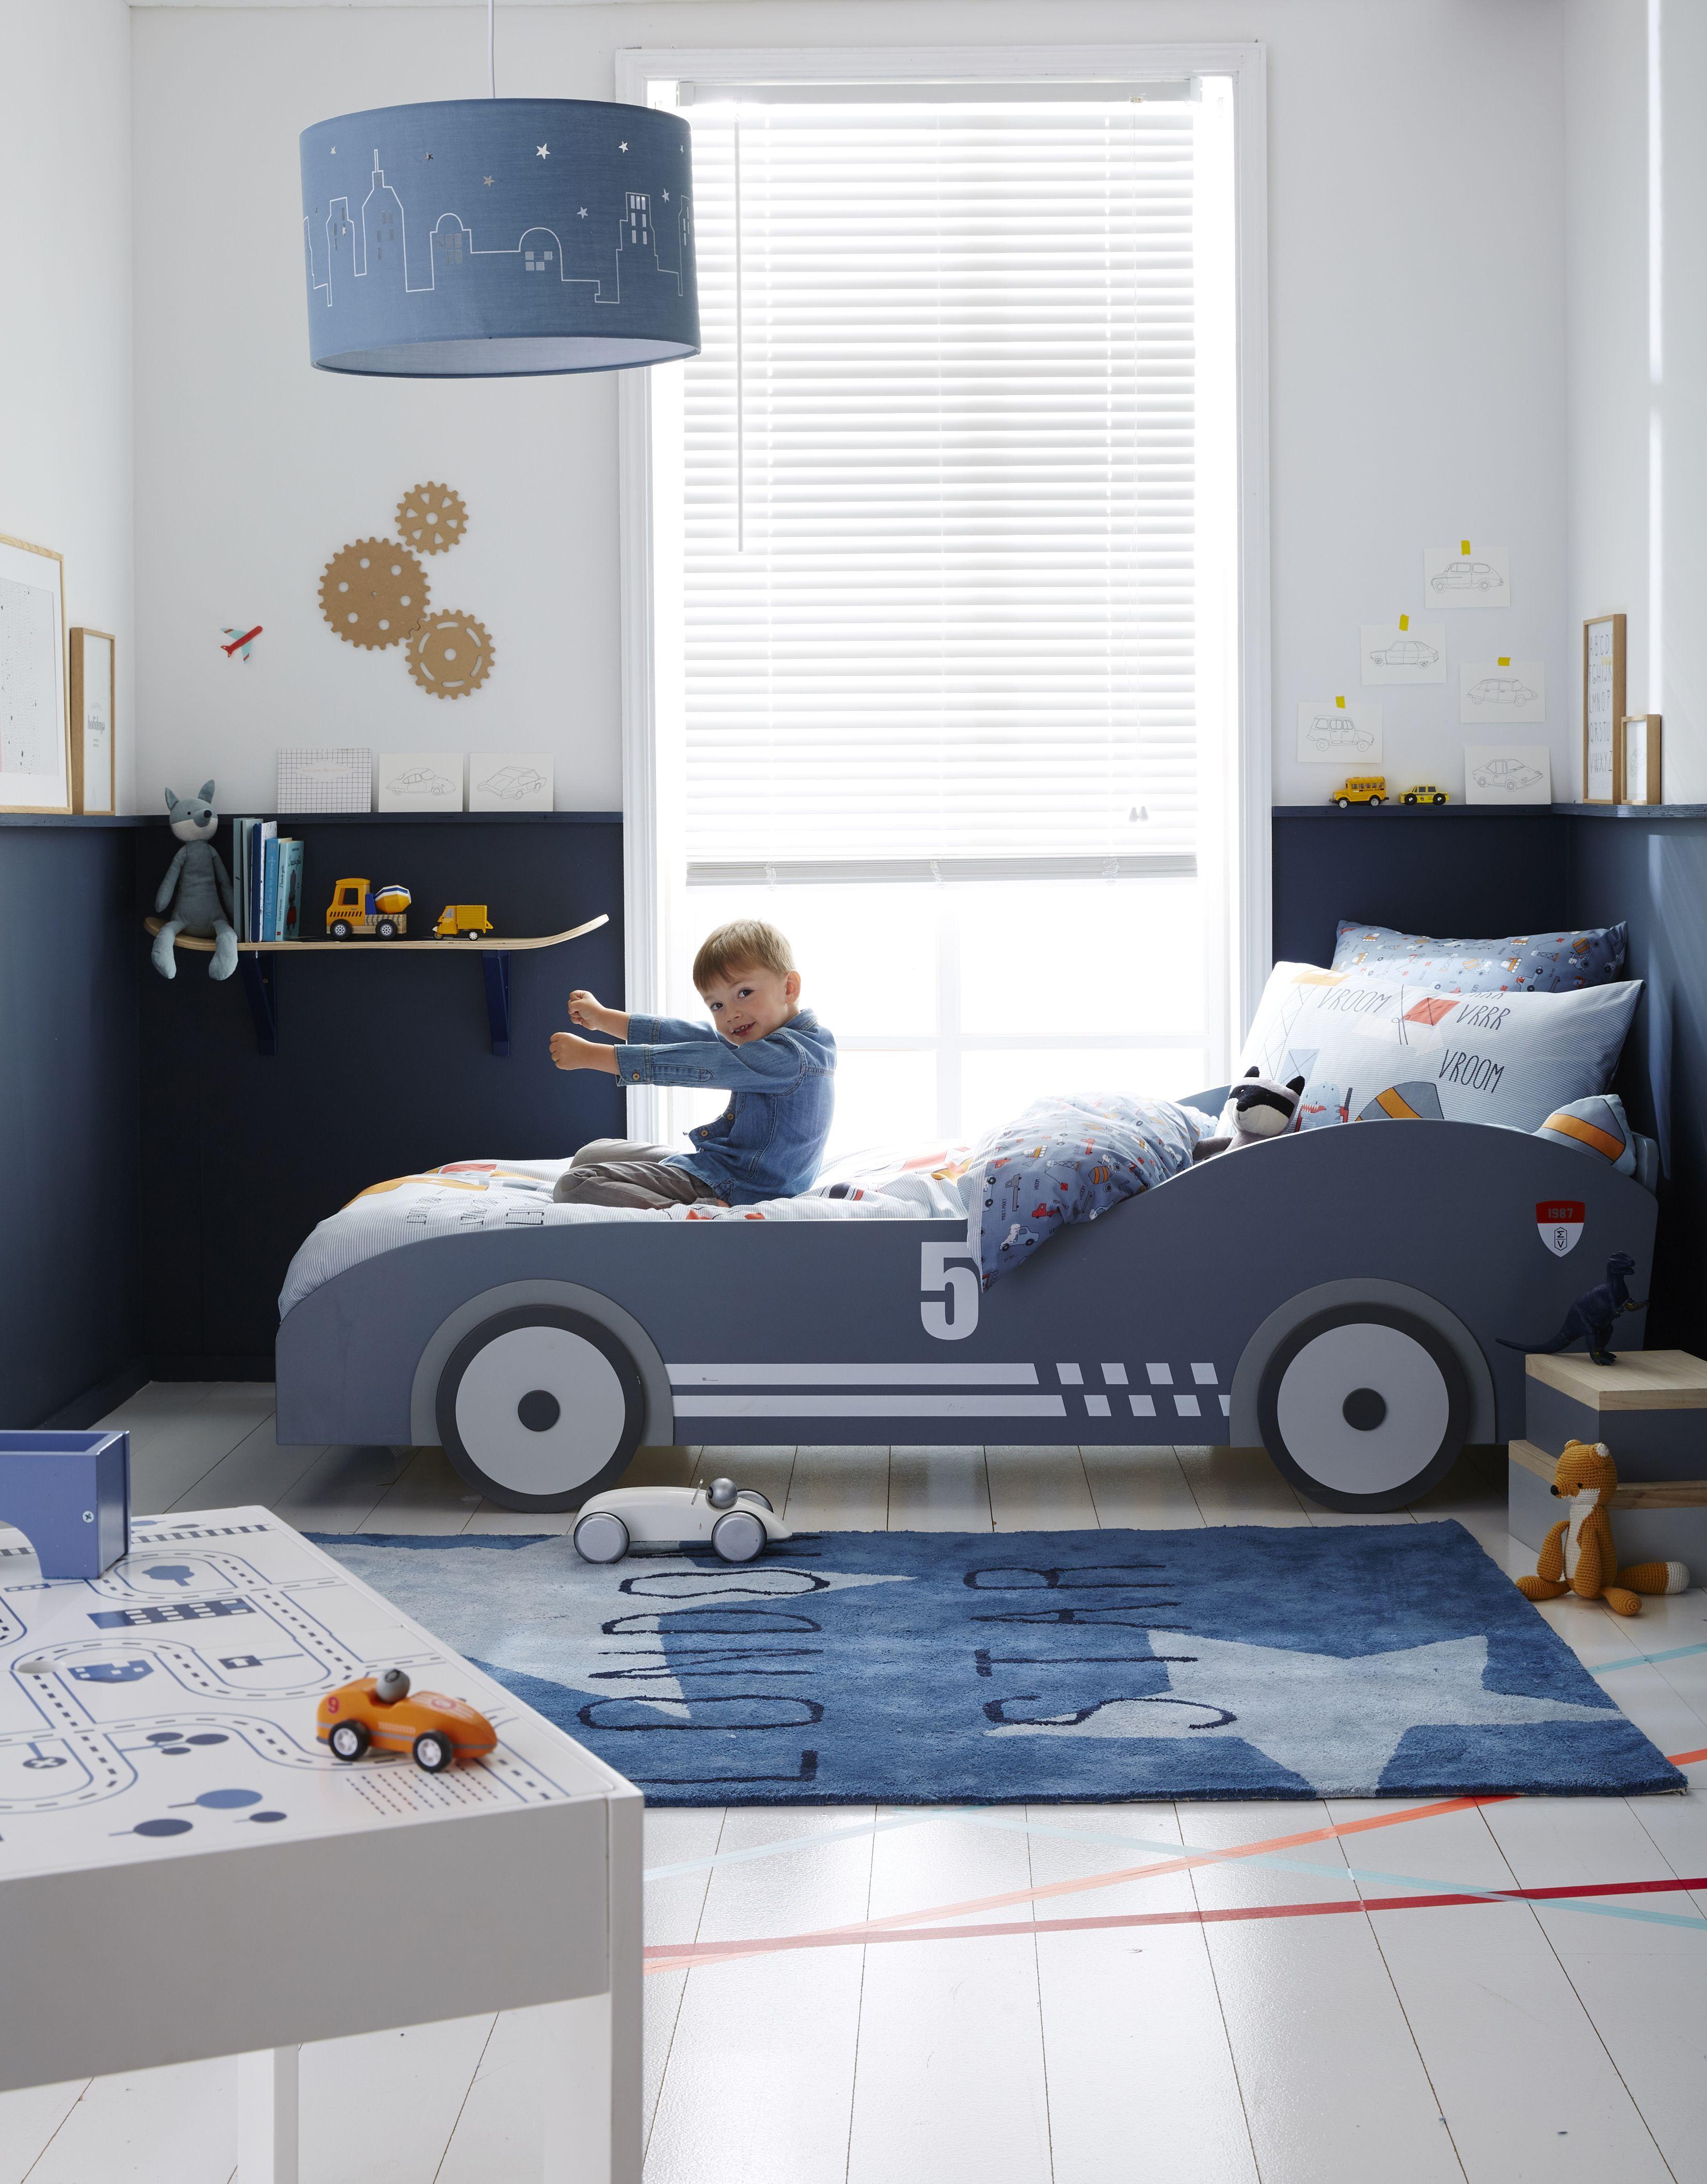 Lit voiture de course  Deco chambre enfant, Lit voiture, Déco